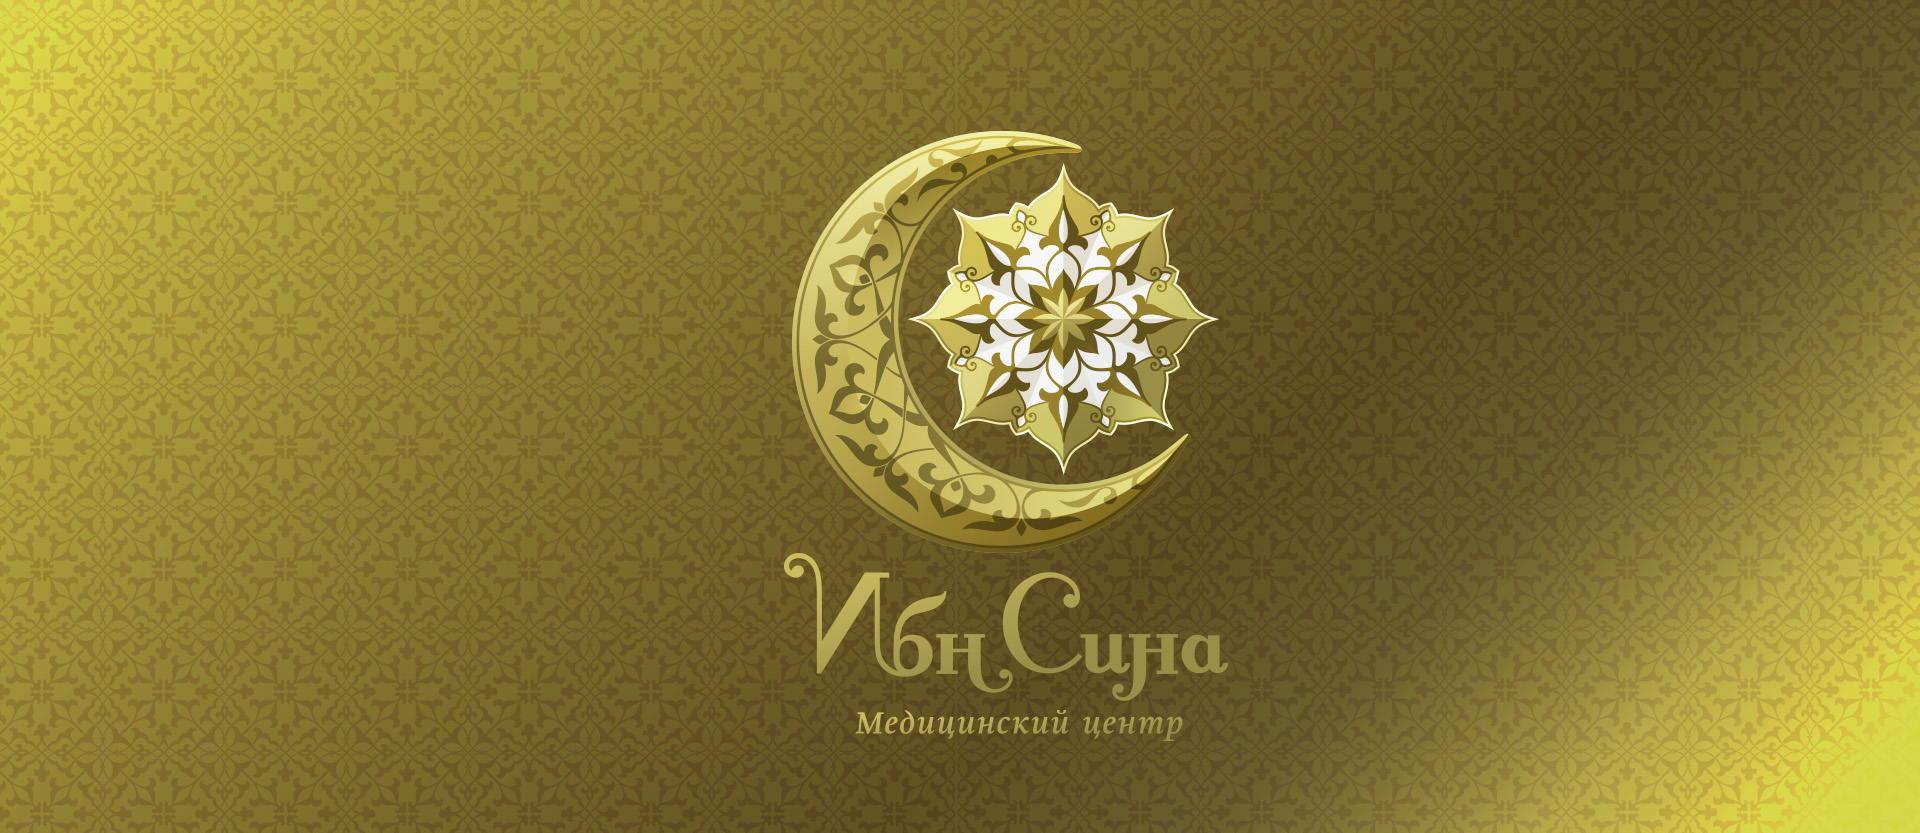 Разработка логотипа медицинского центра Medical center logo development